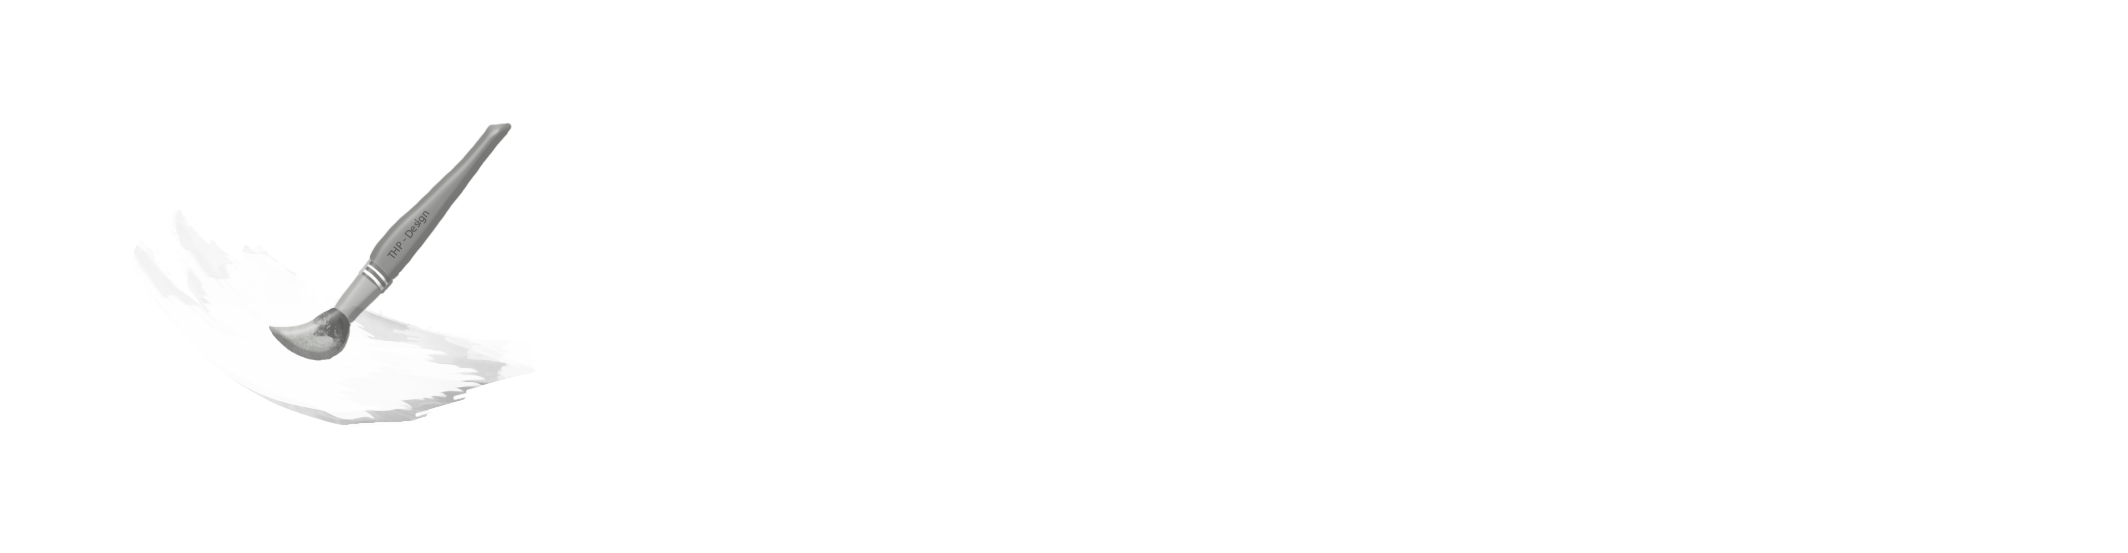 Thomas Hofmann Photographie &. Design